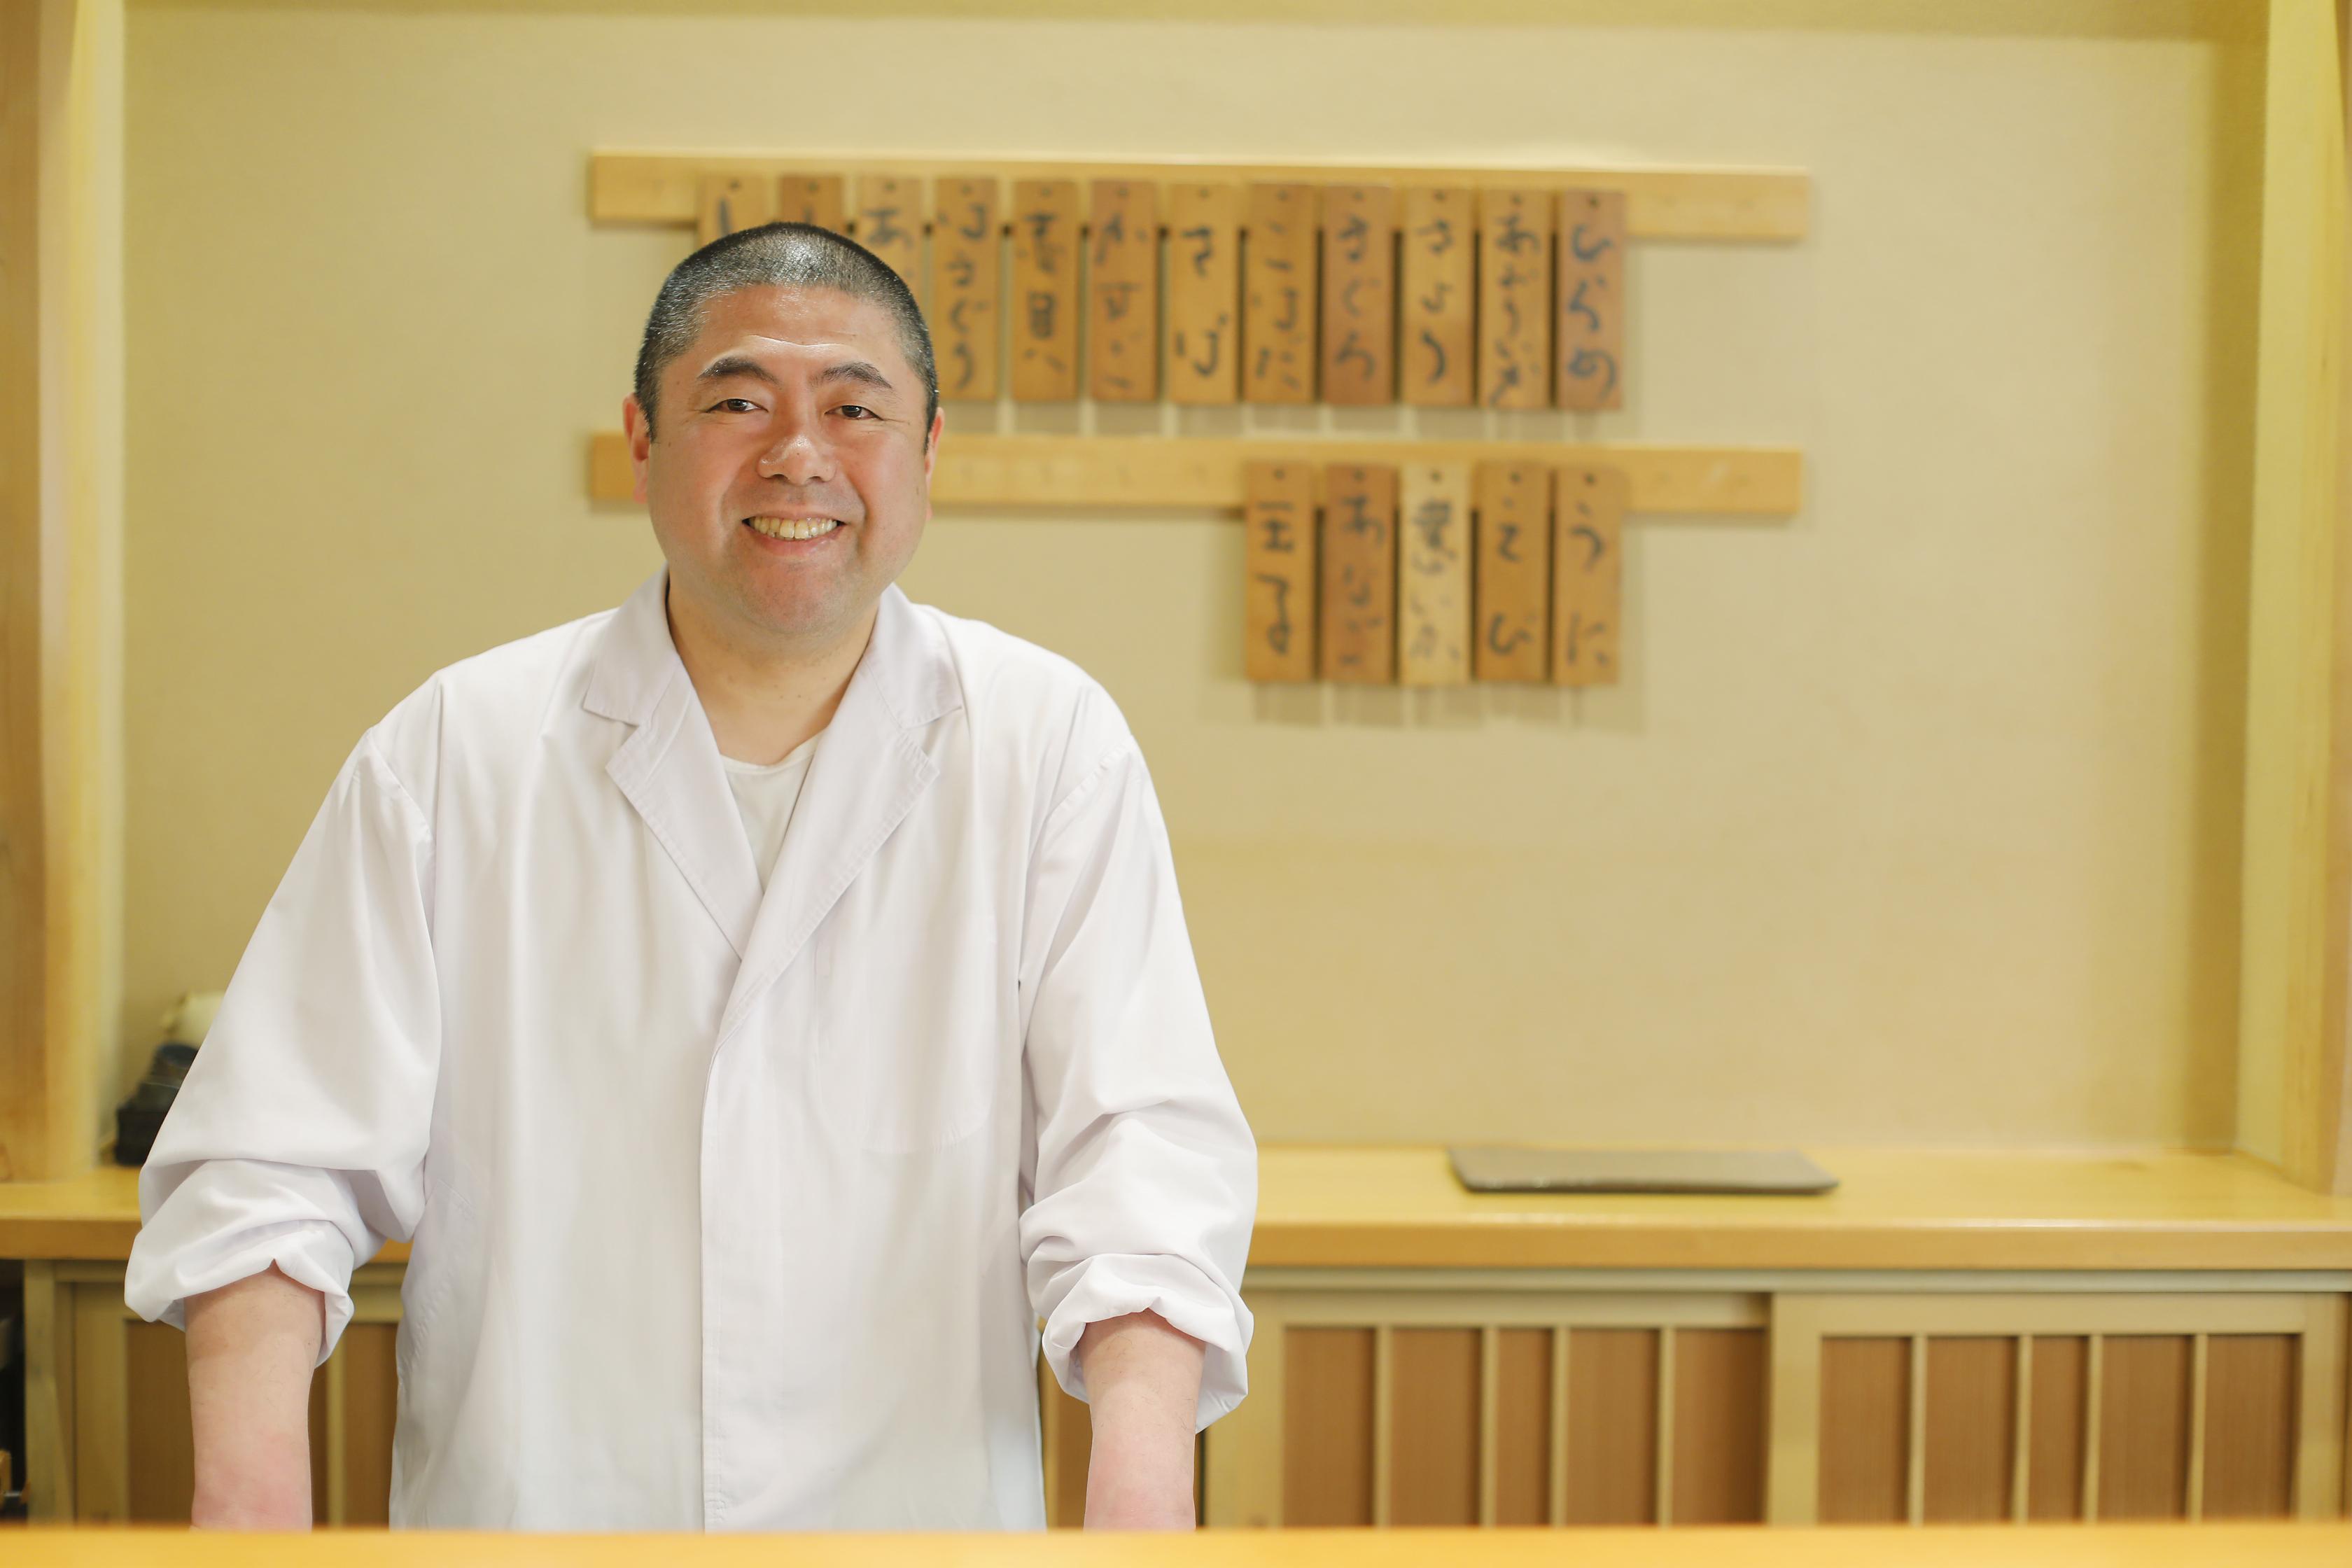 Shinbashi Shimizu Kunihiro Shimizu